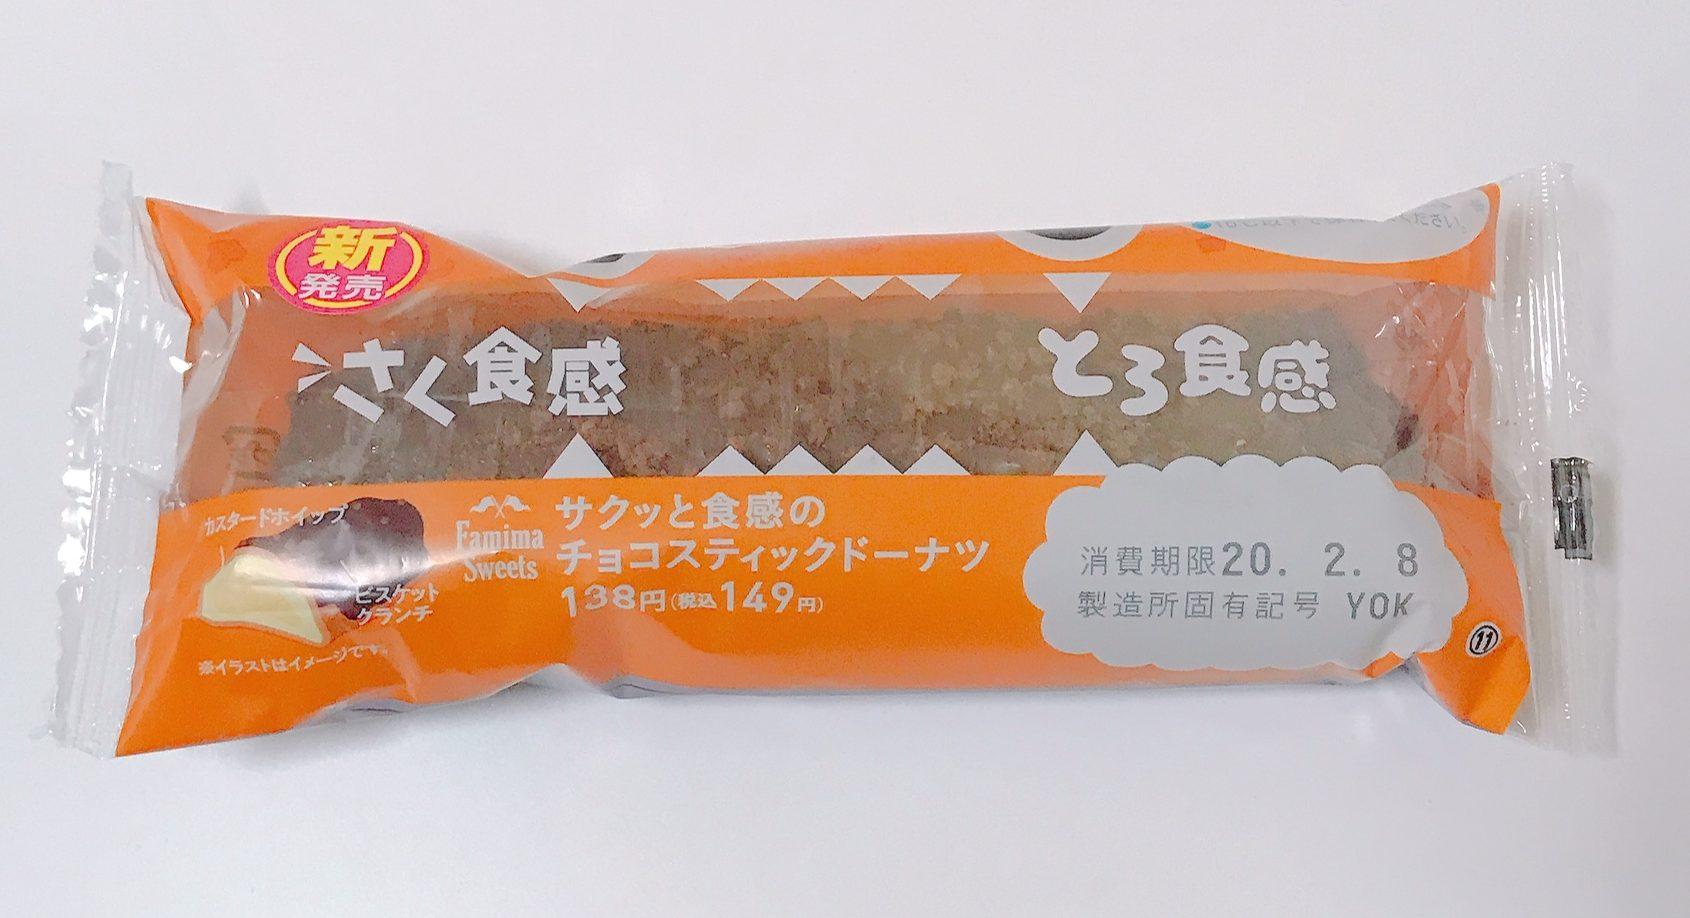 ファミリーマートのチョコスティックドーナツ